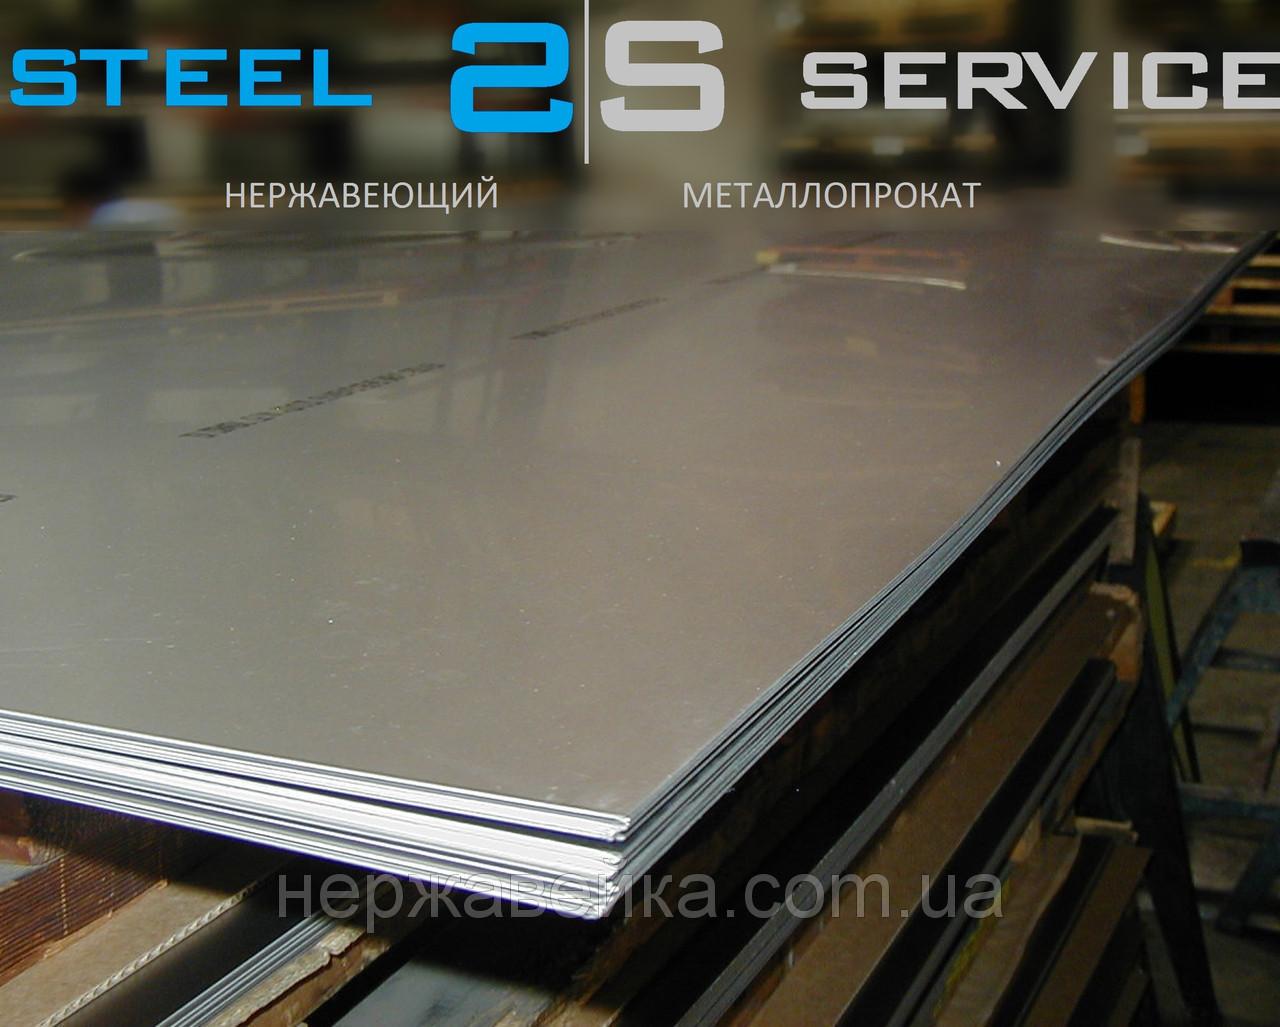 Нержавейка лист 10х1250х2500мм  AISI 304(08Х18Н10) F1 - горячекатанный,  пищевой